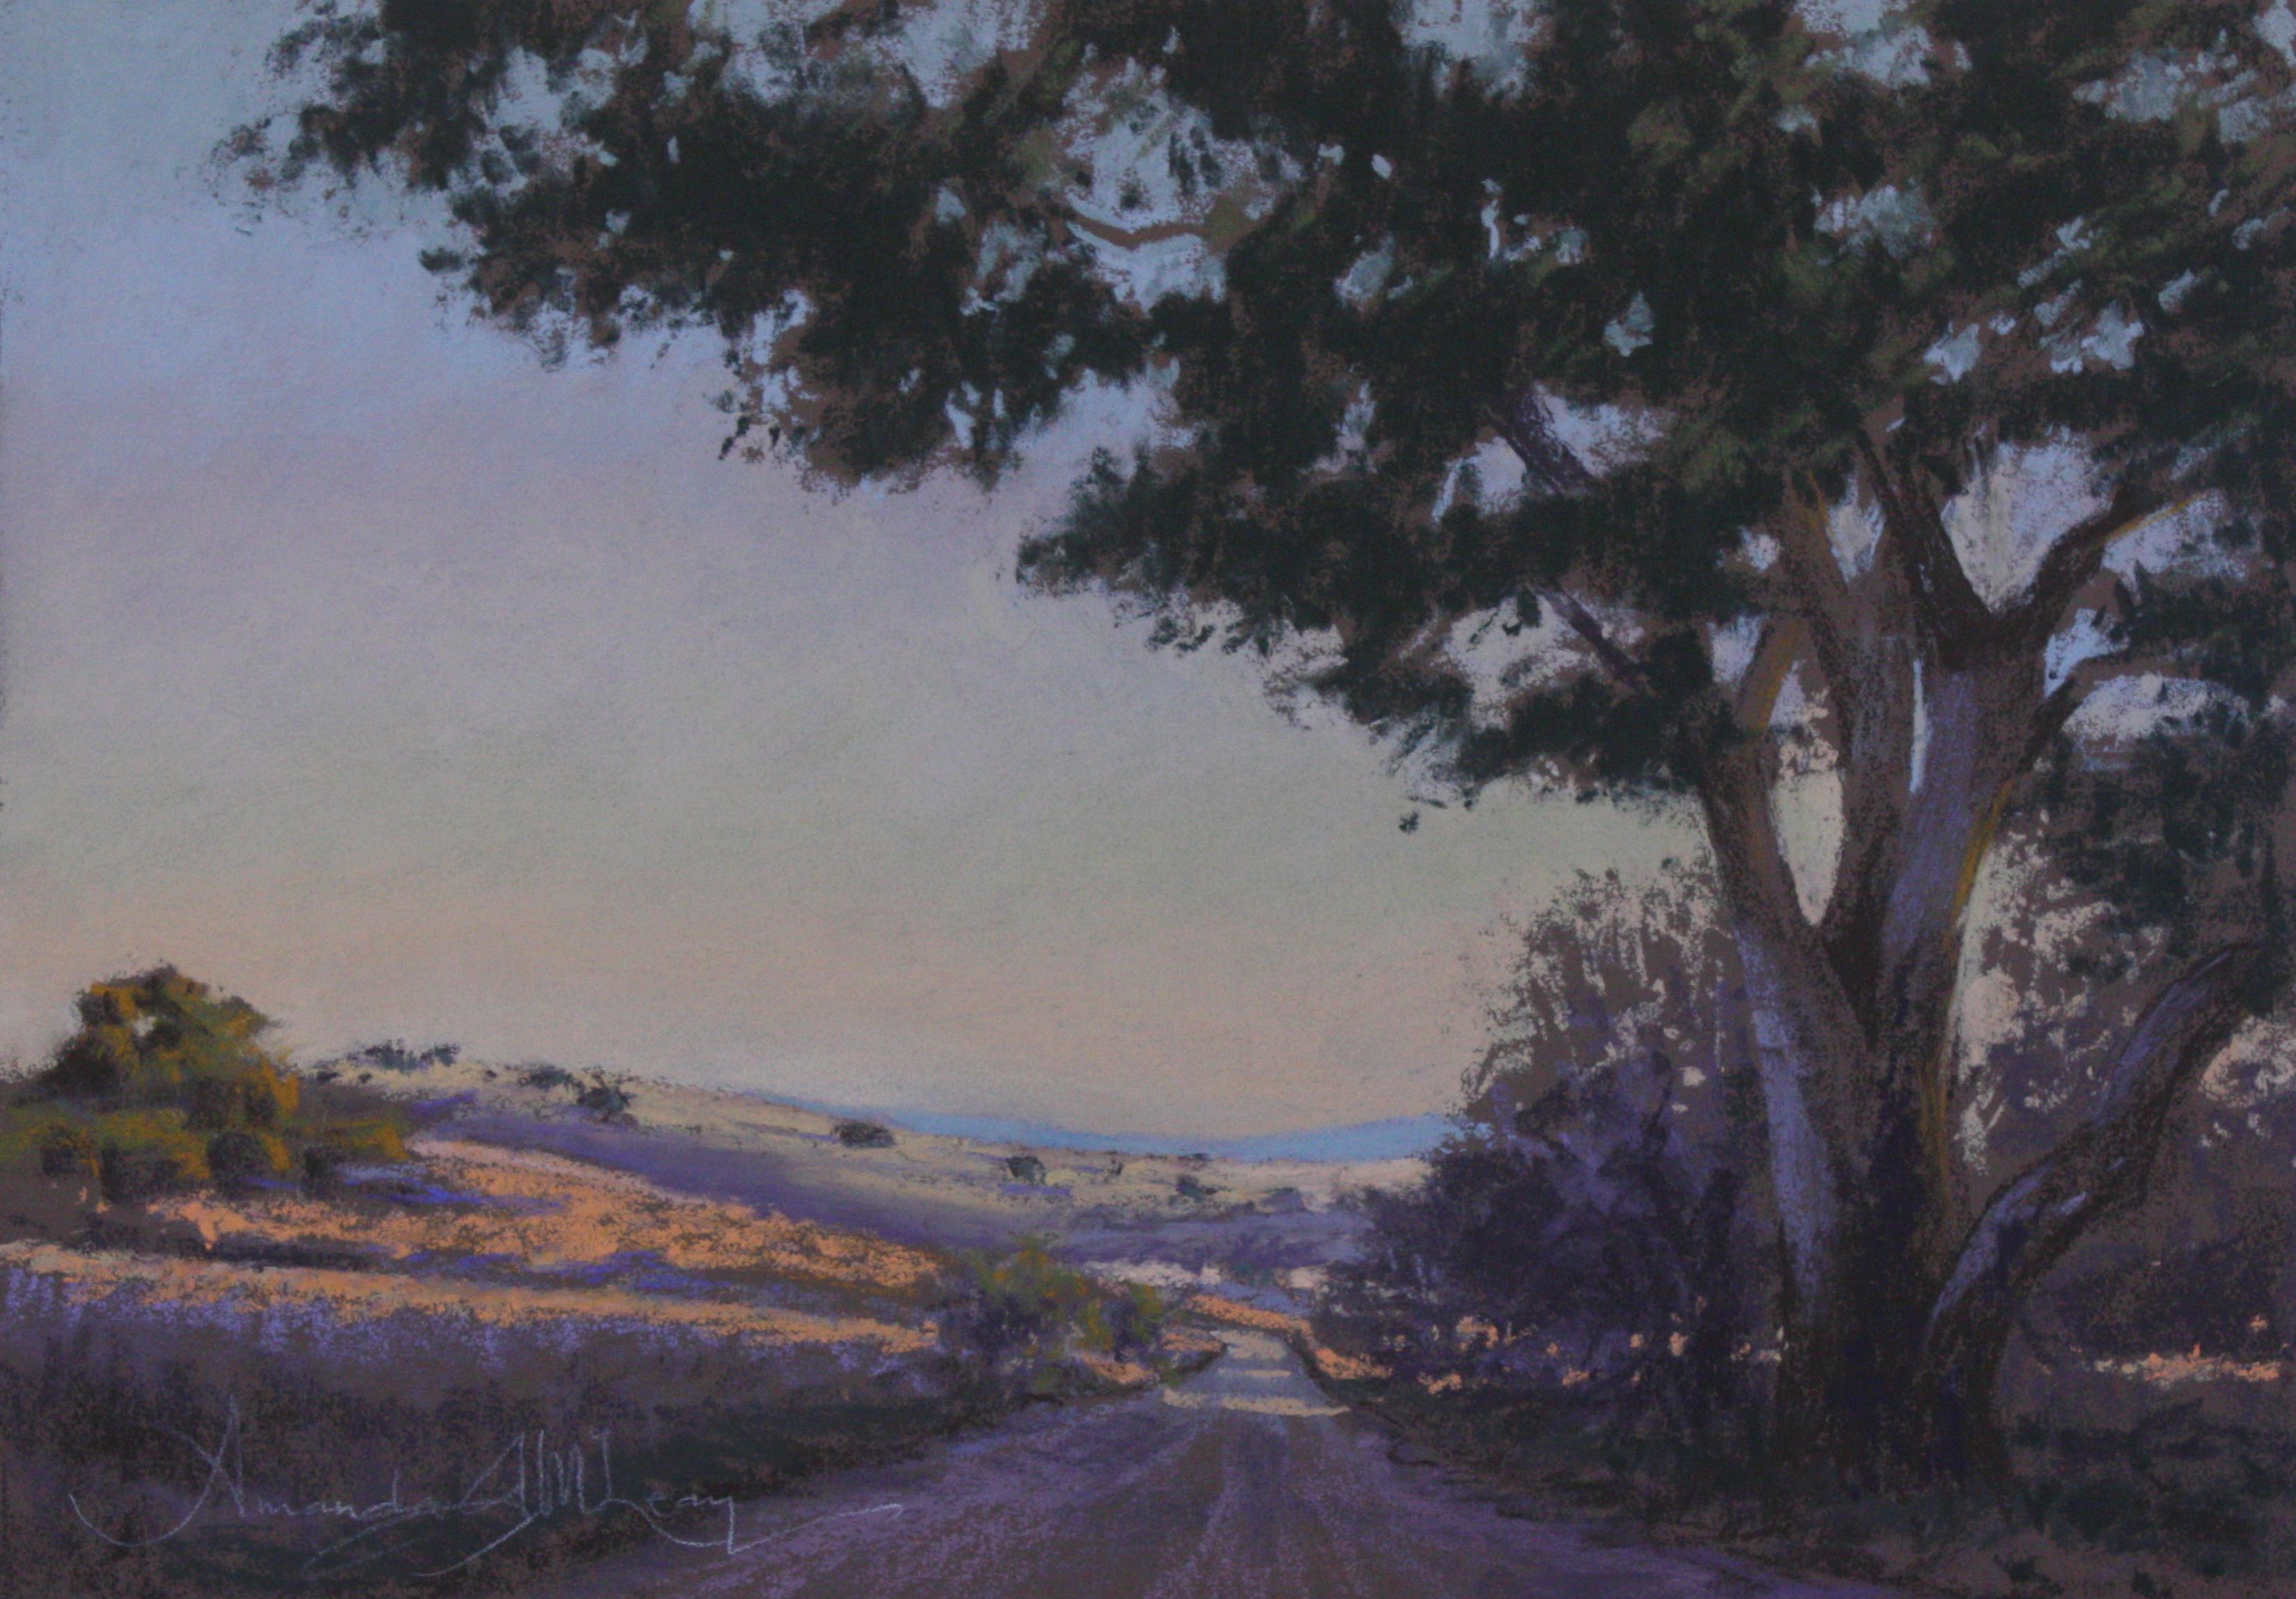 Hardwick Lane